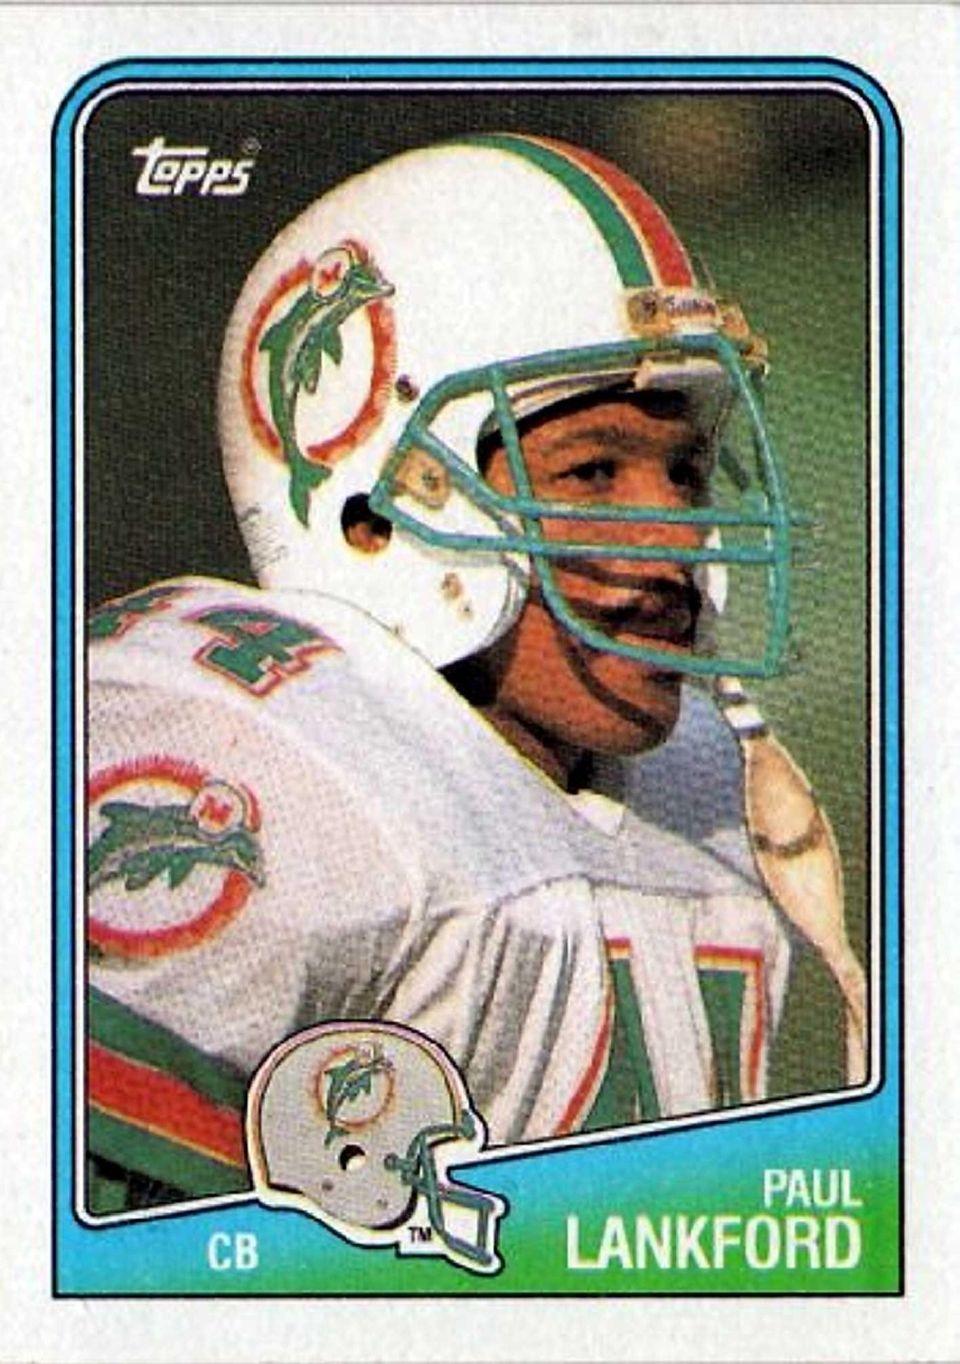 Paul Lankford Topps football card.